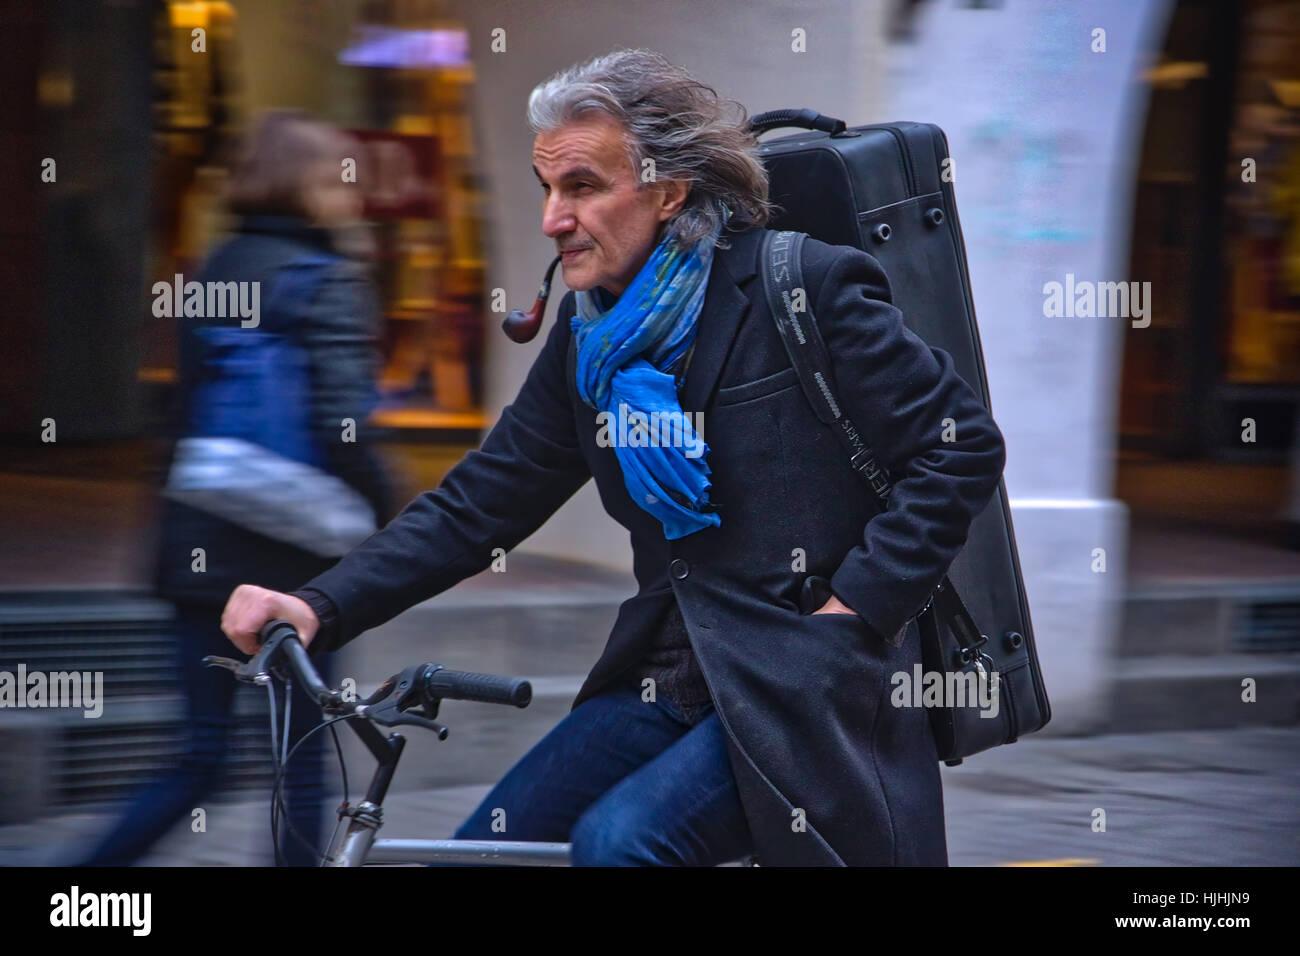 Man riding bike Smoking a pipe - Stock Image